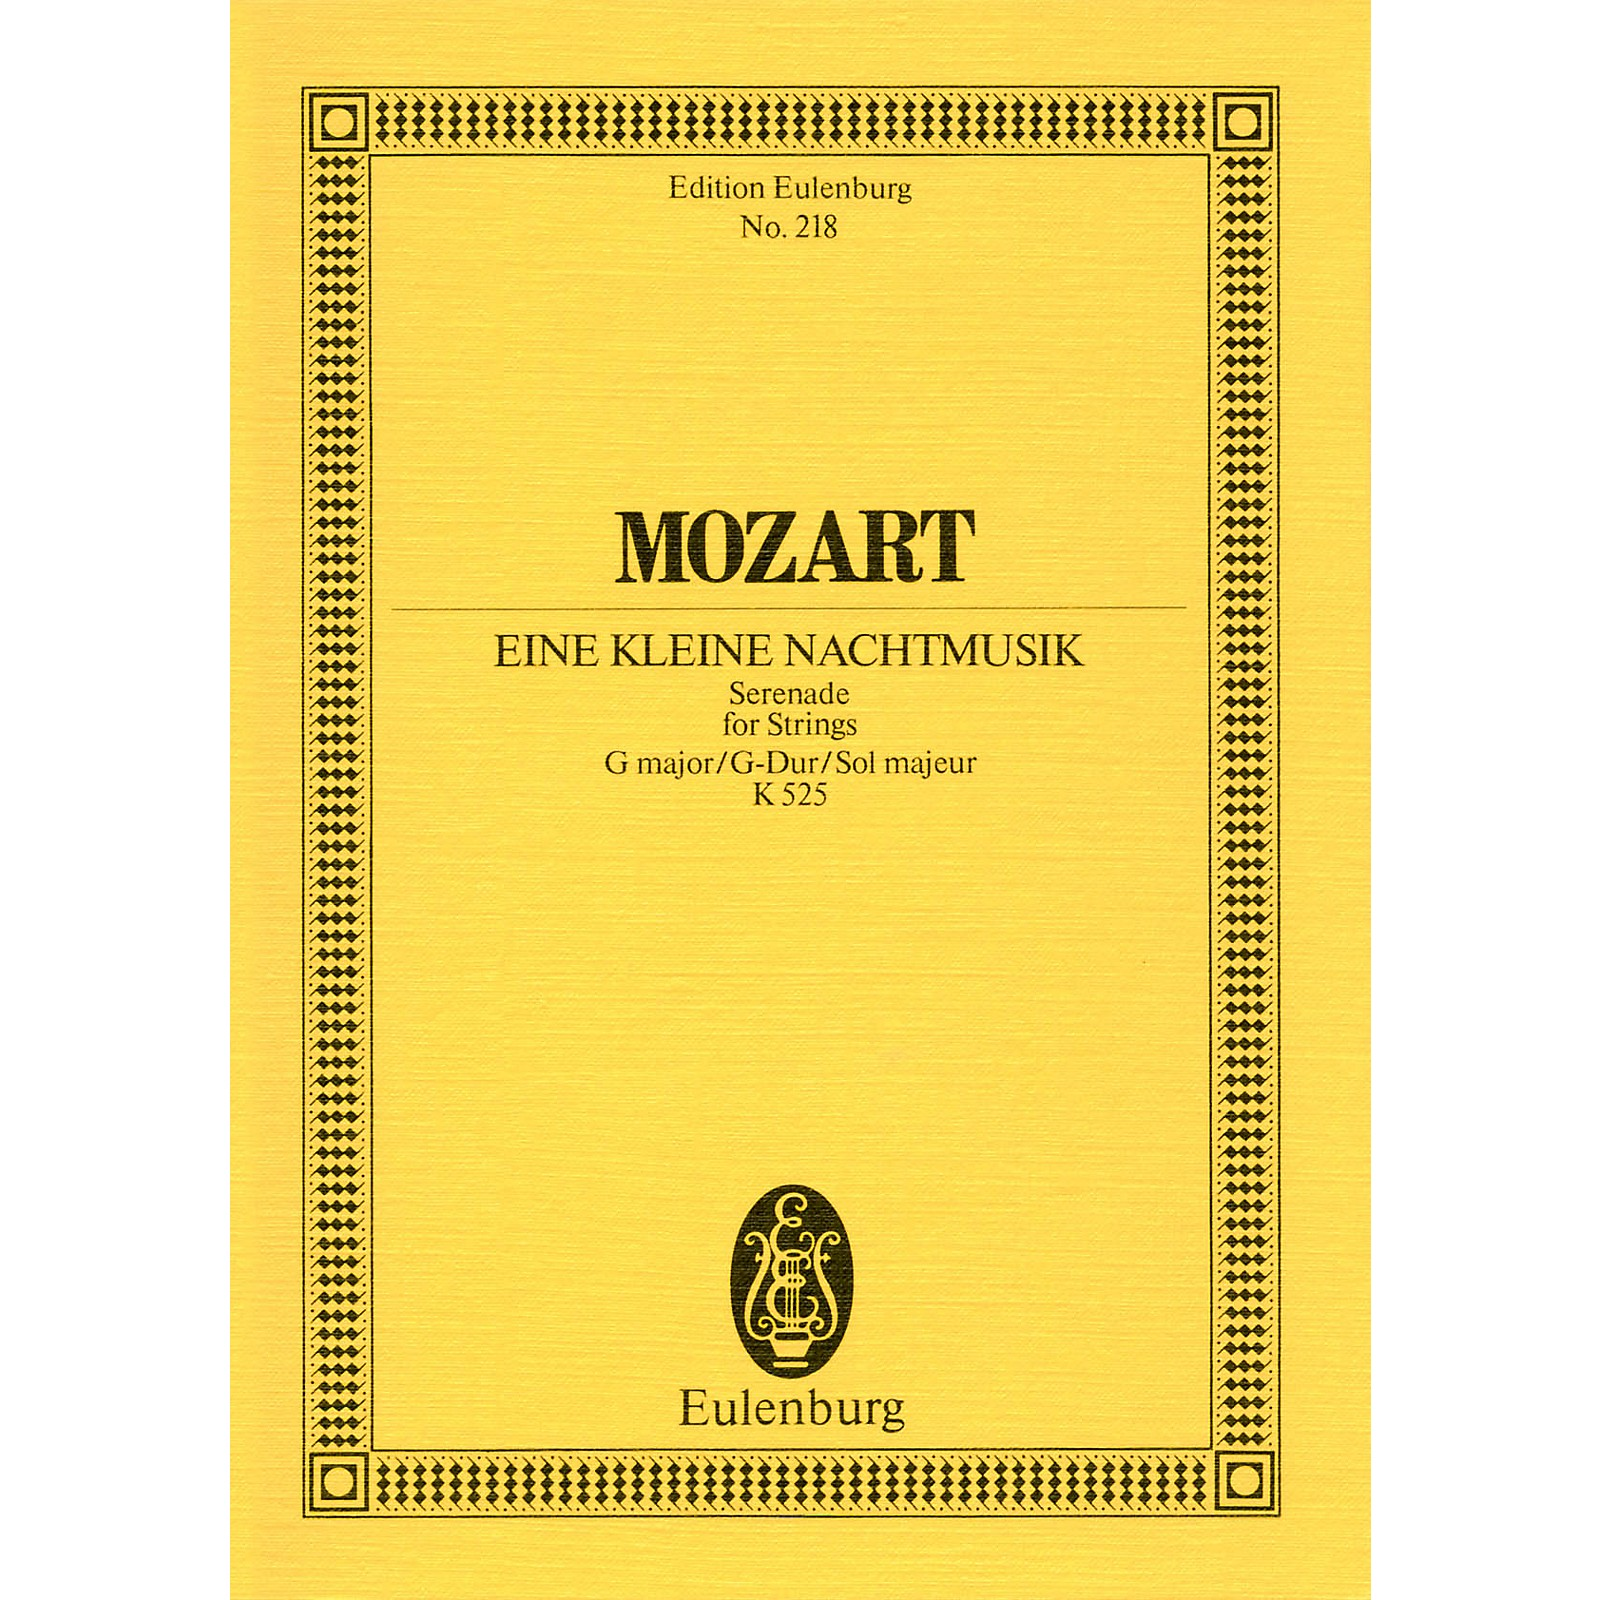 Eulenburg Eine kleine Nachtmusik, KV 525 Schott Composed by Wolfgang Amadeus Mozart Arranged by Dieter Rexroth